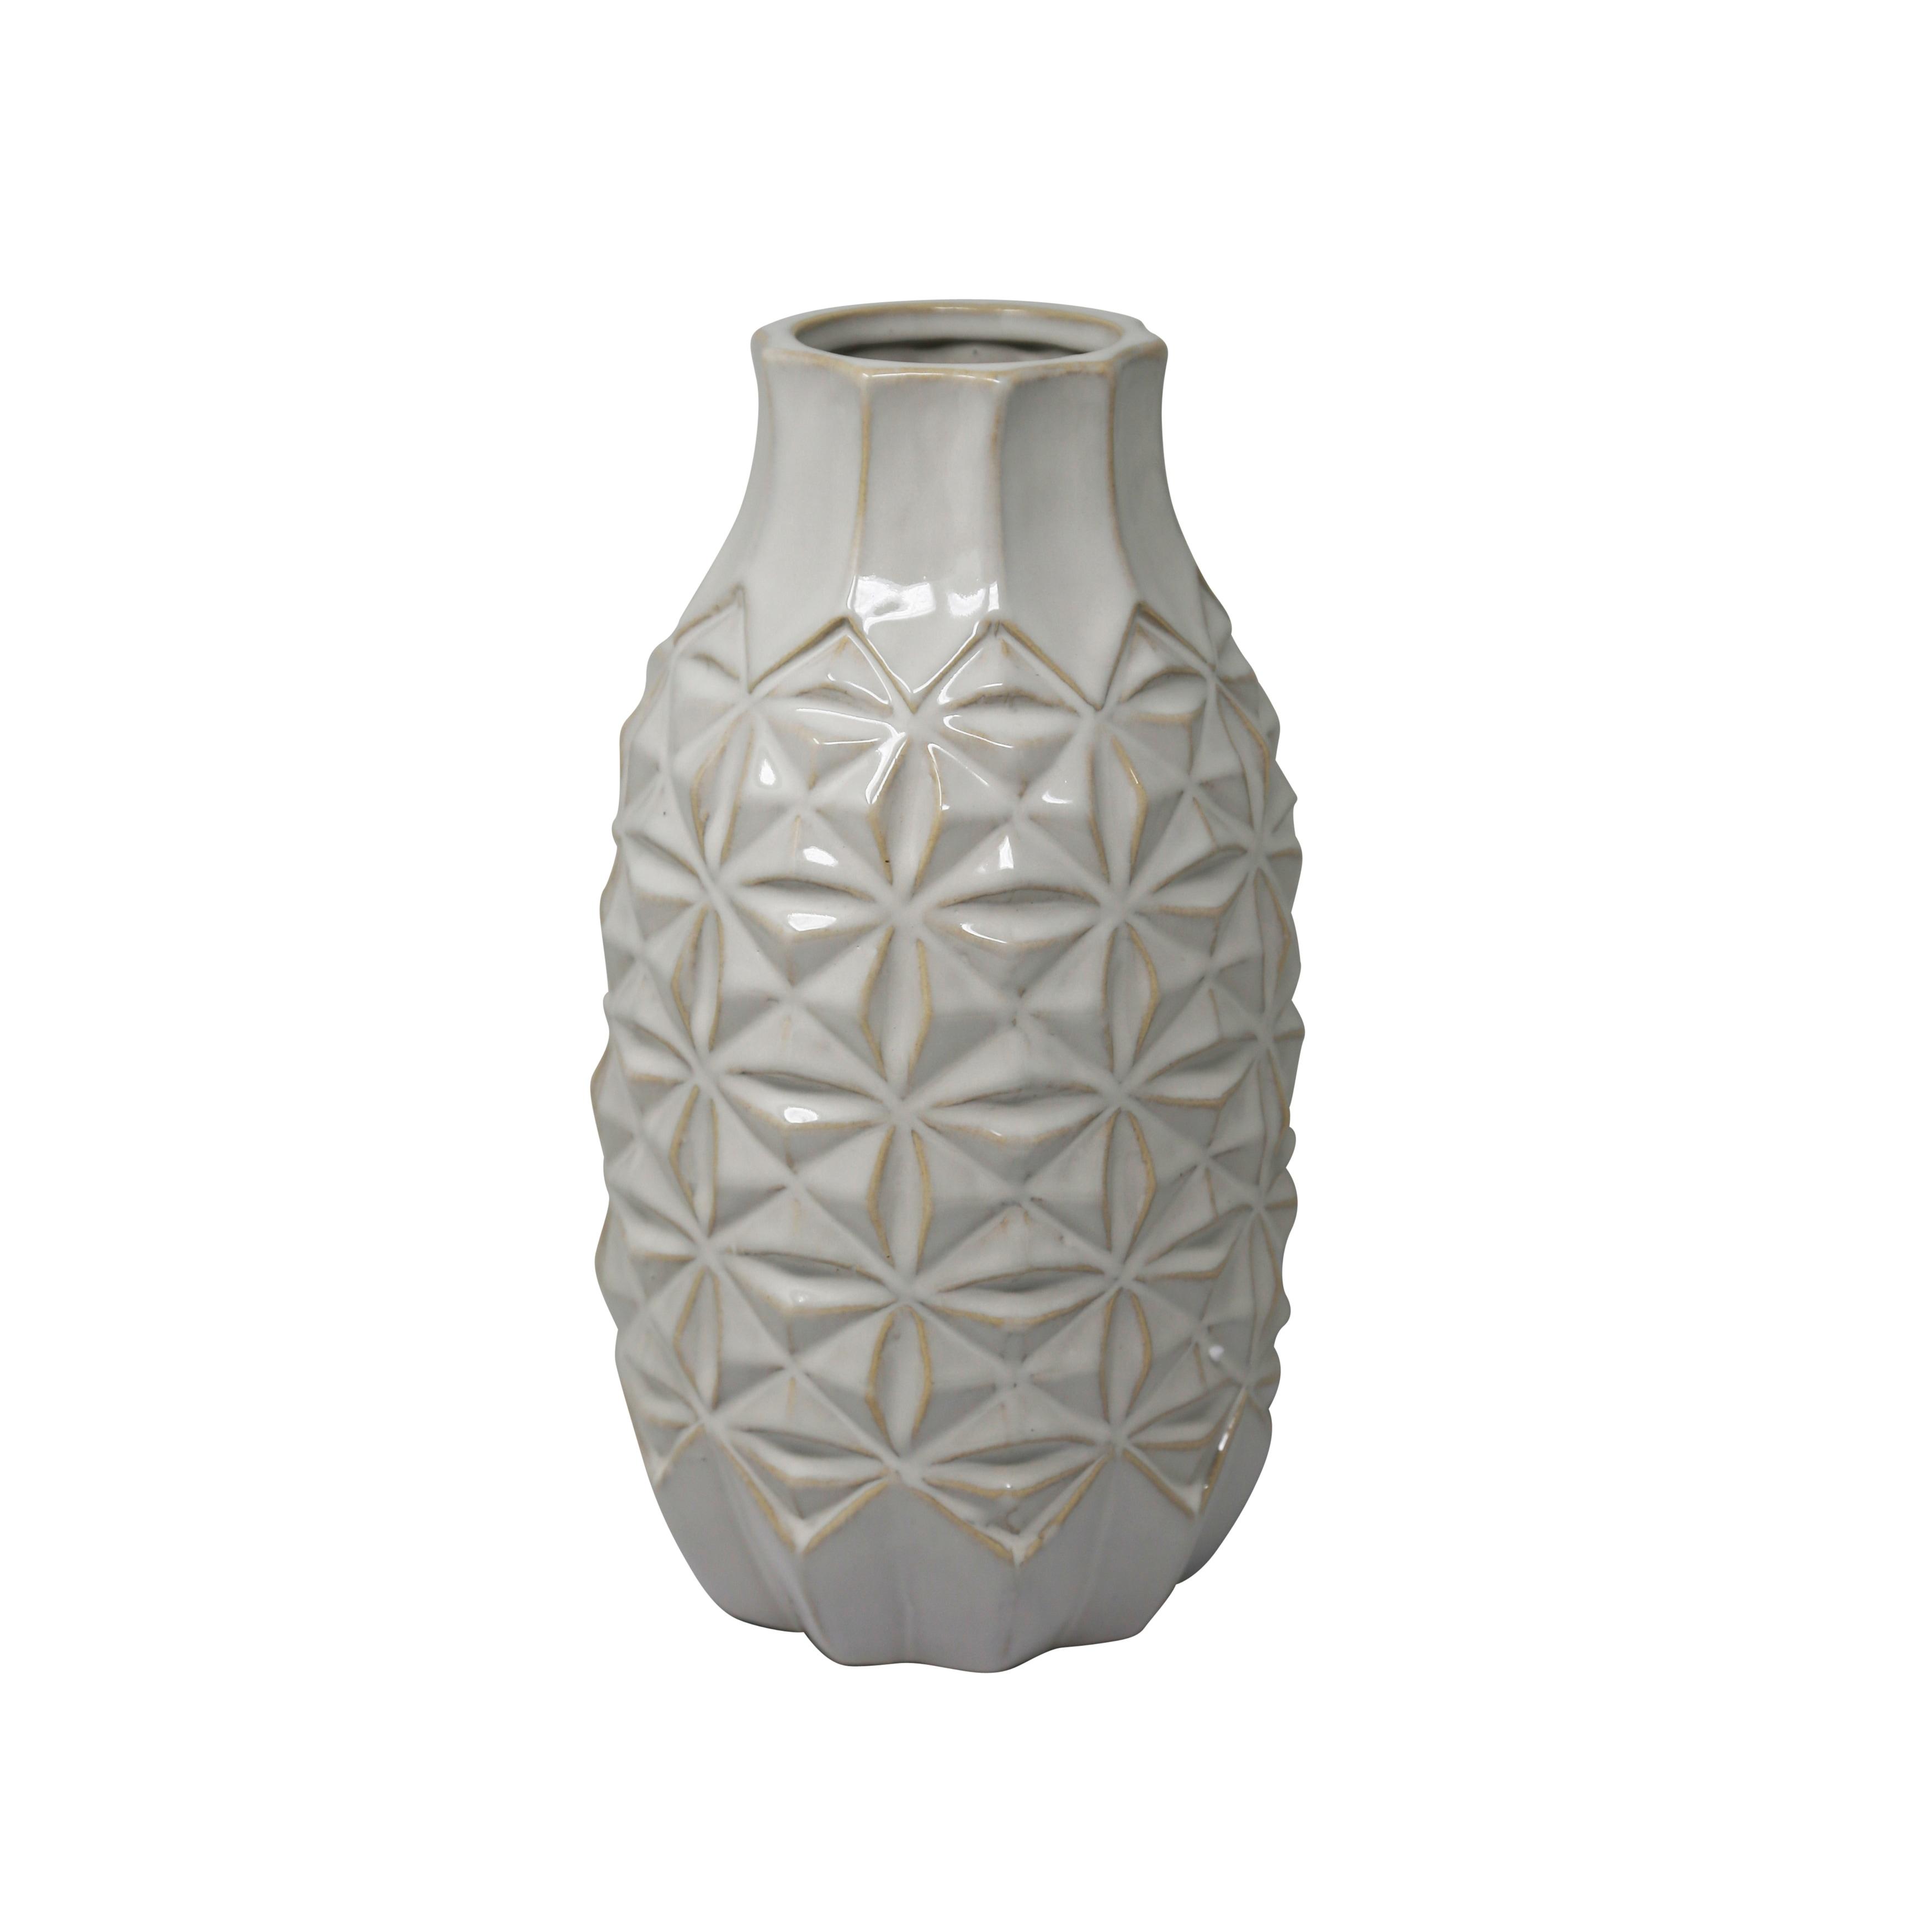 Ceramic Vase with Embossed Geometric Design Pattern, Medium, White